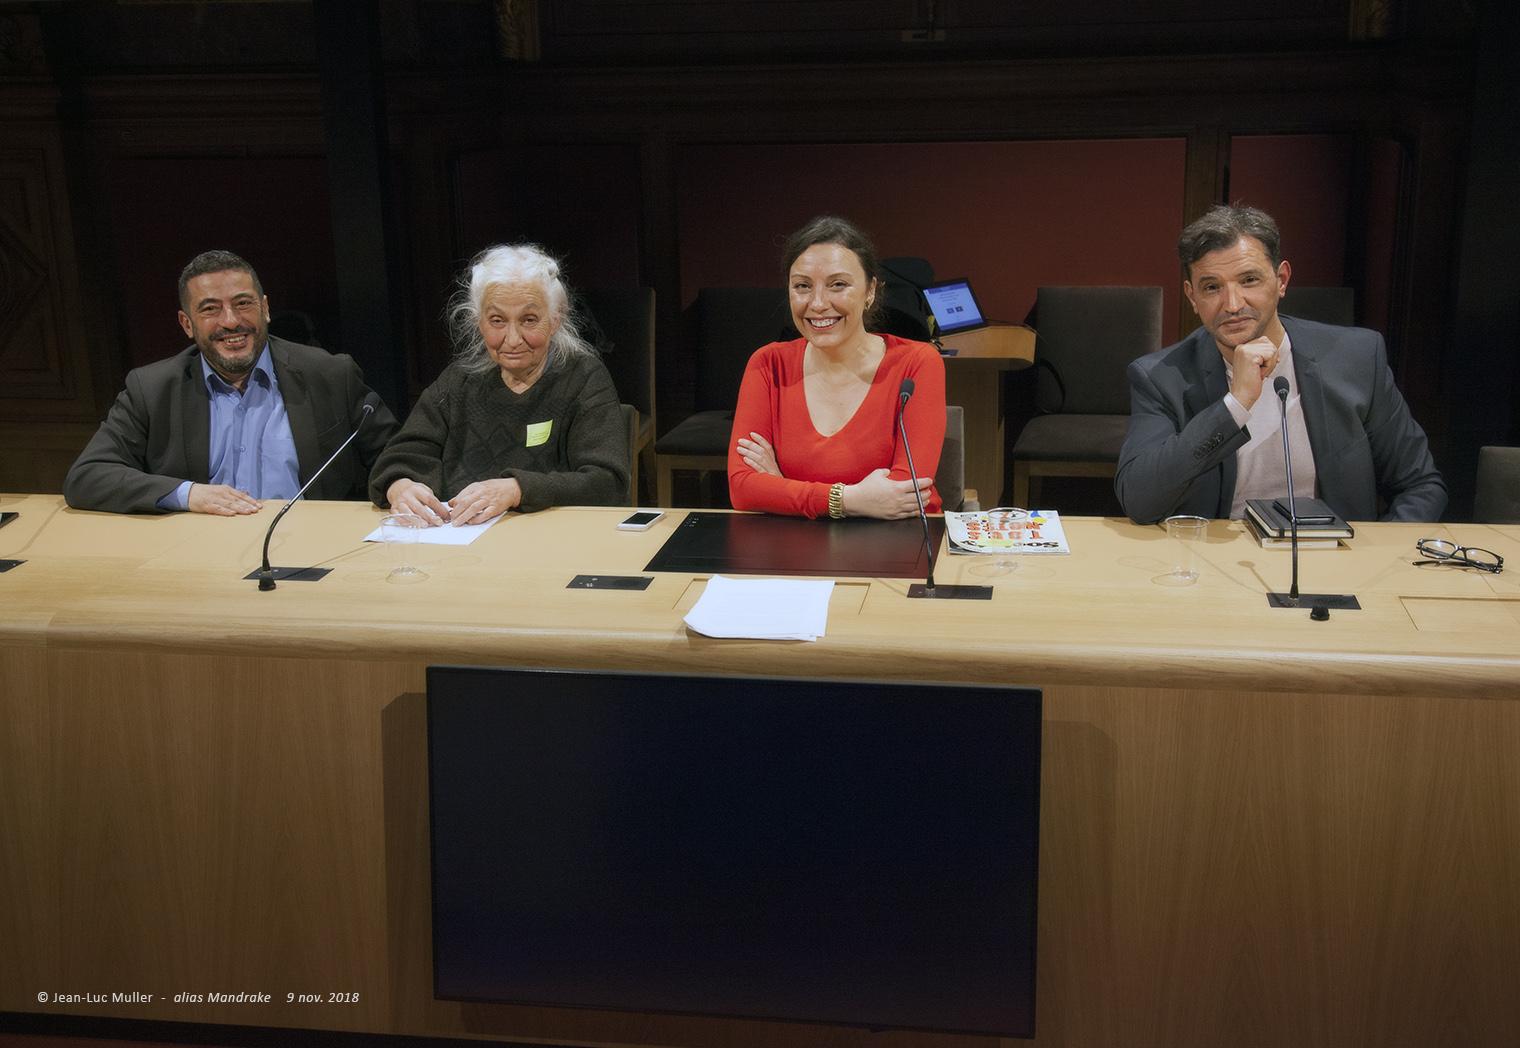 Isabelle Kersimon, Jacqueline Chabbi, Farid Abdelkrim, Nasser Ferradj